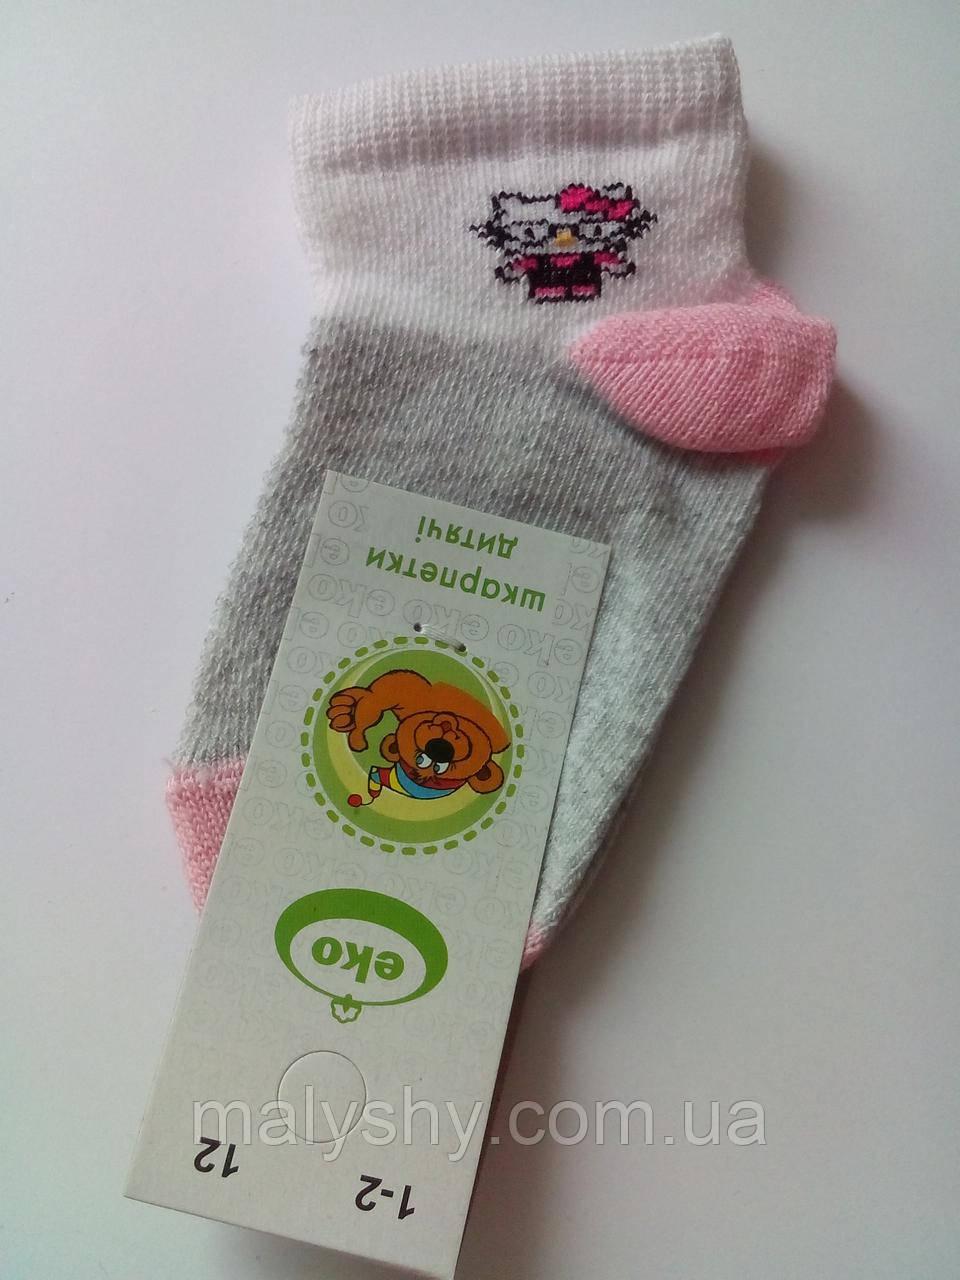 180d75a11bd42 Детские носки демисезонные - Еко 4131 р.12 (шкарпетки дитячі) - Интернет-